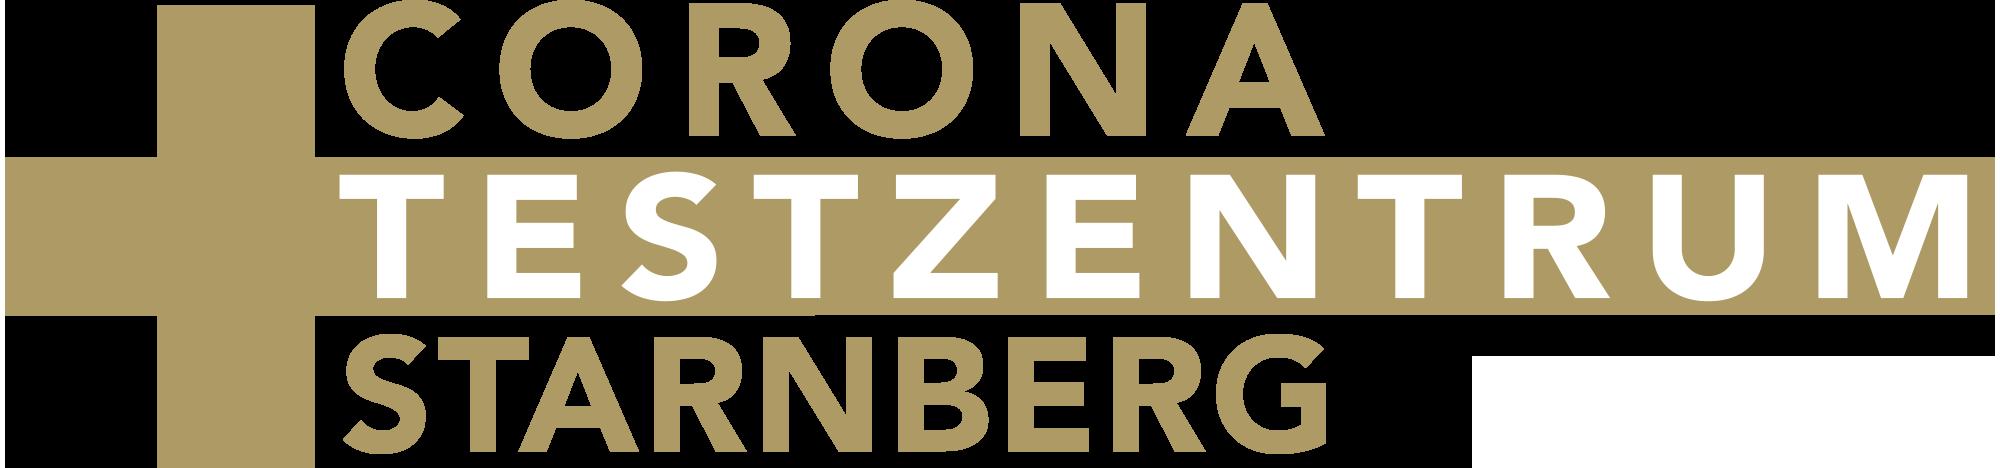 Starnberg_Logo_Gold